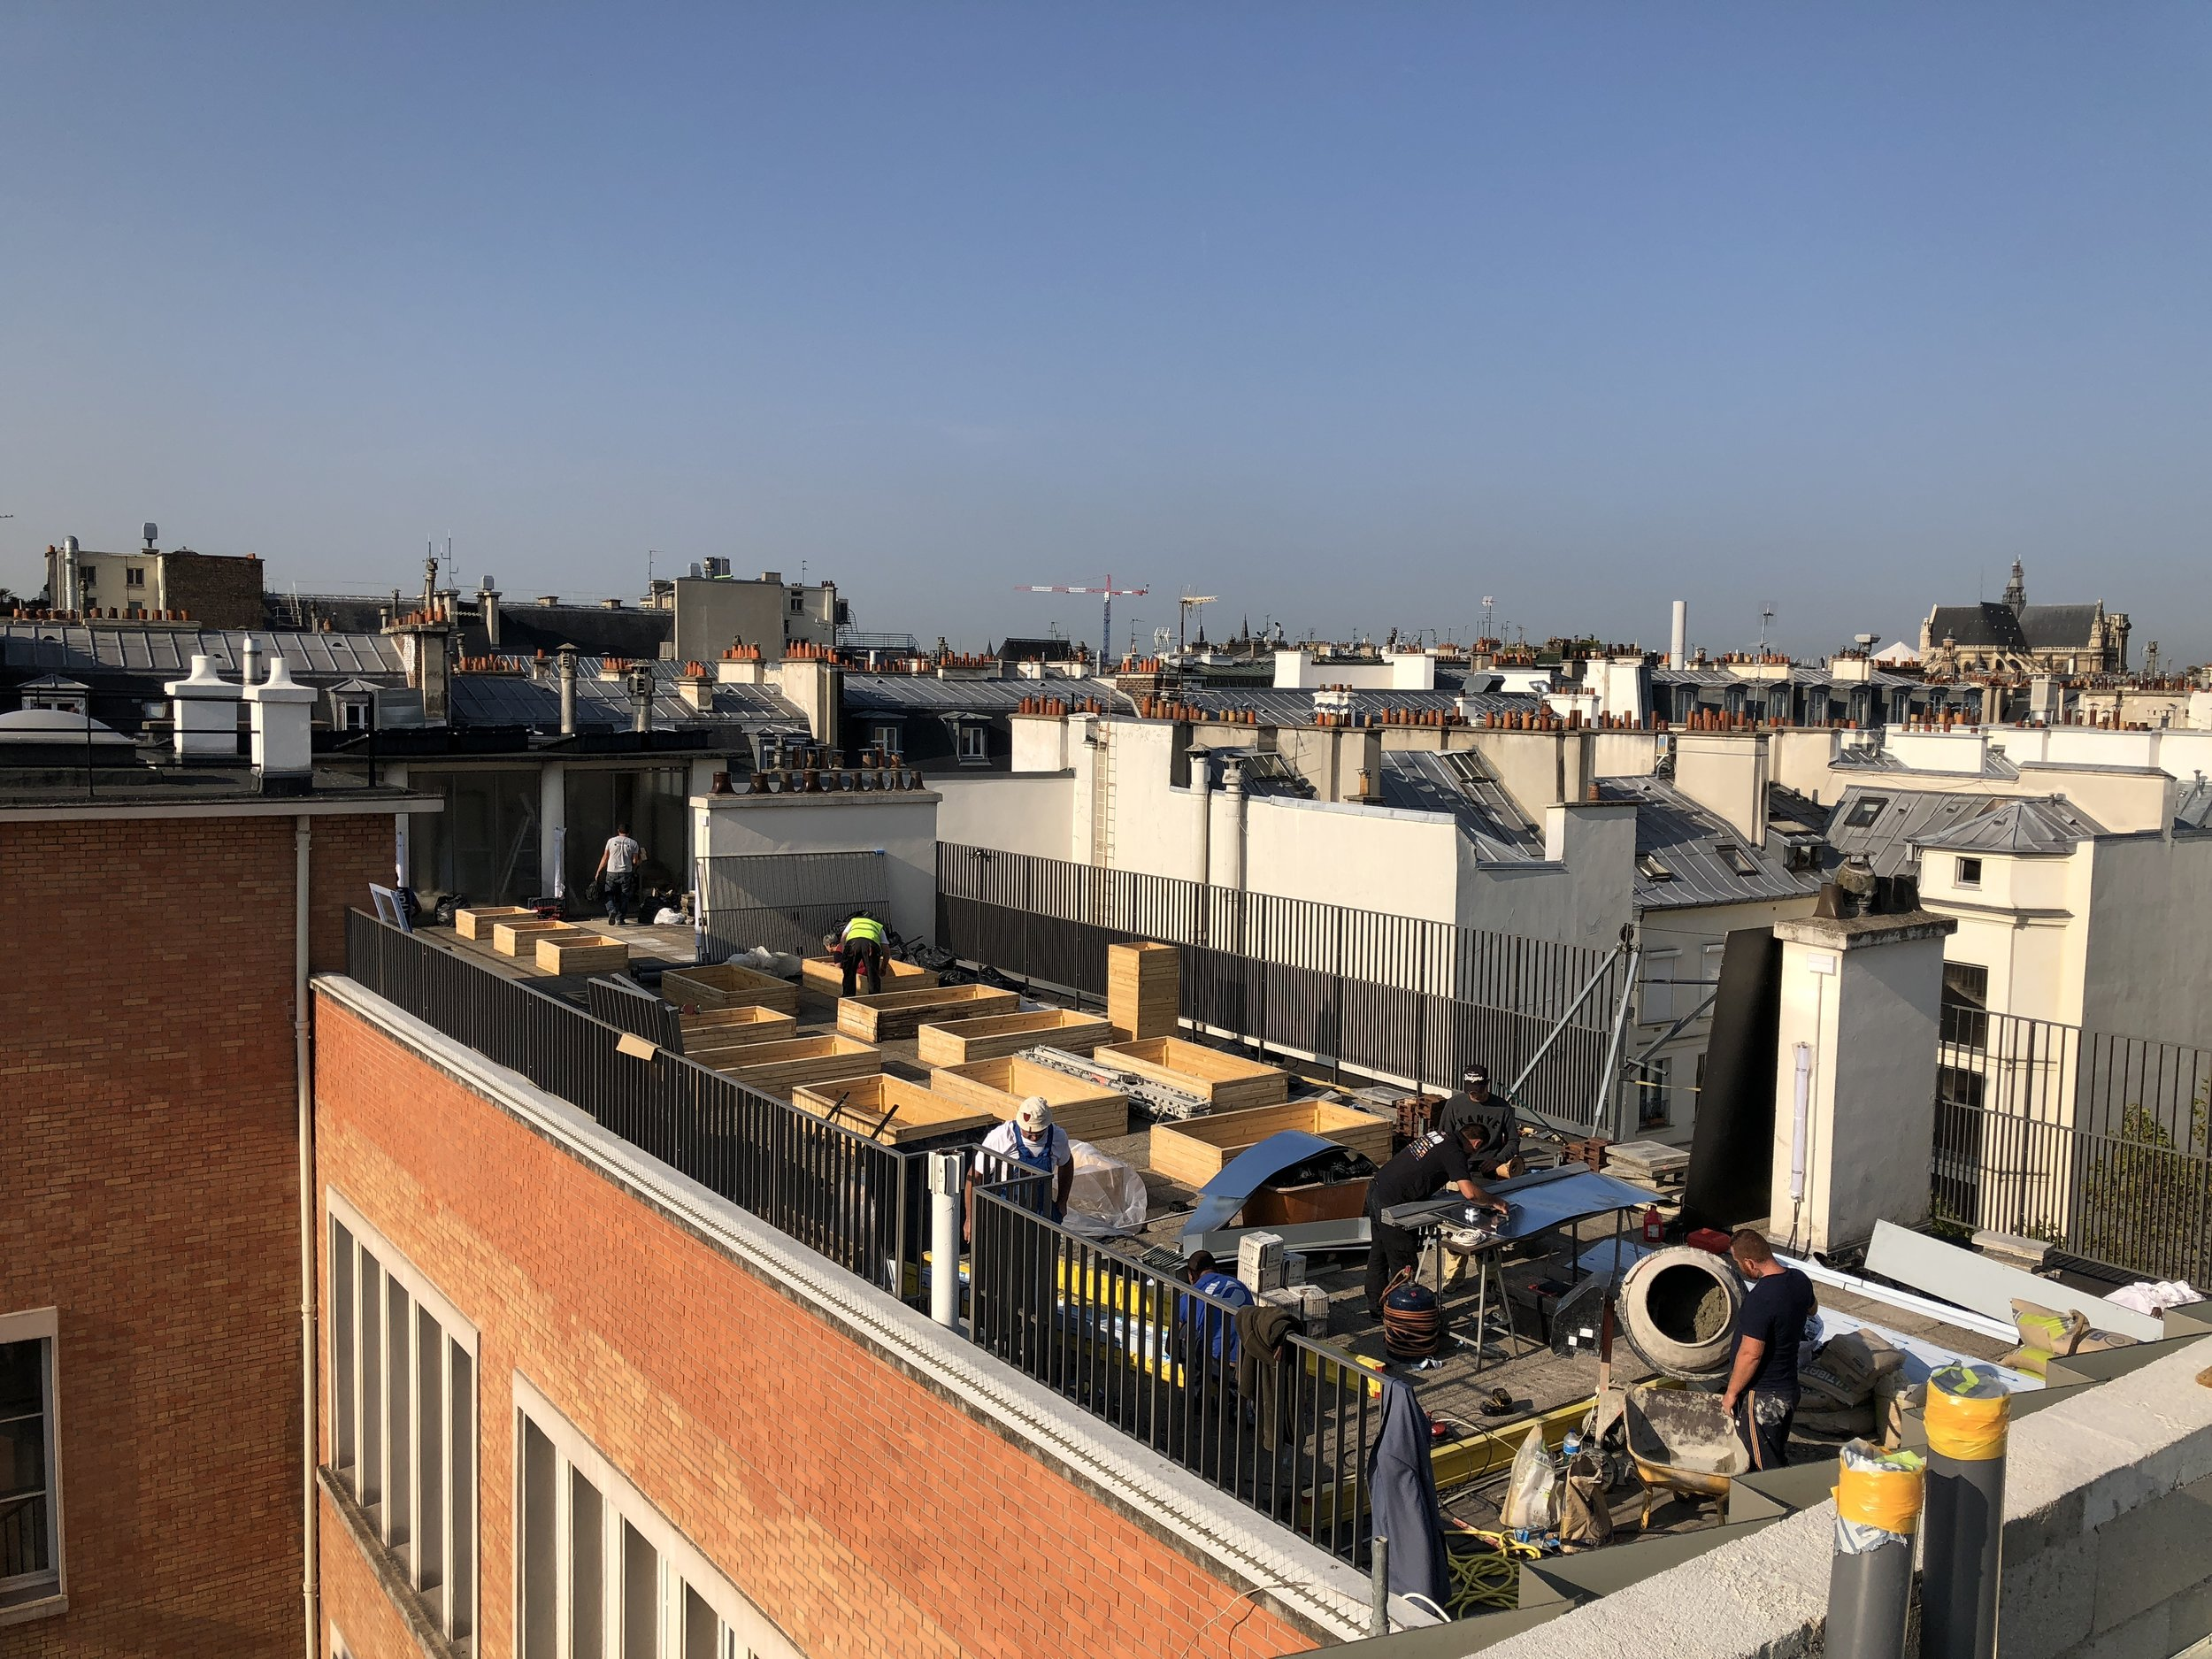 Chantier, Terrasse St Martin, Paris 3e - Chantier estival sur la toiture de l'école Saint Martin pour la création d'un jardin potager pédagogique dans le cadre du budget participatif de la ville de Paris.